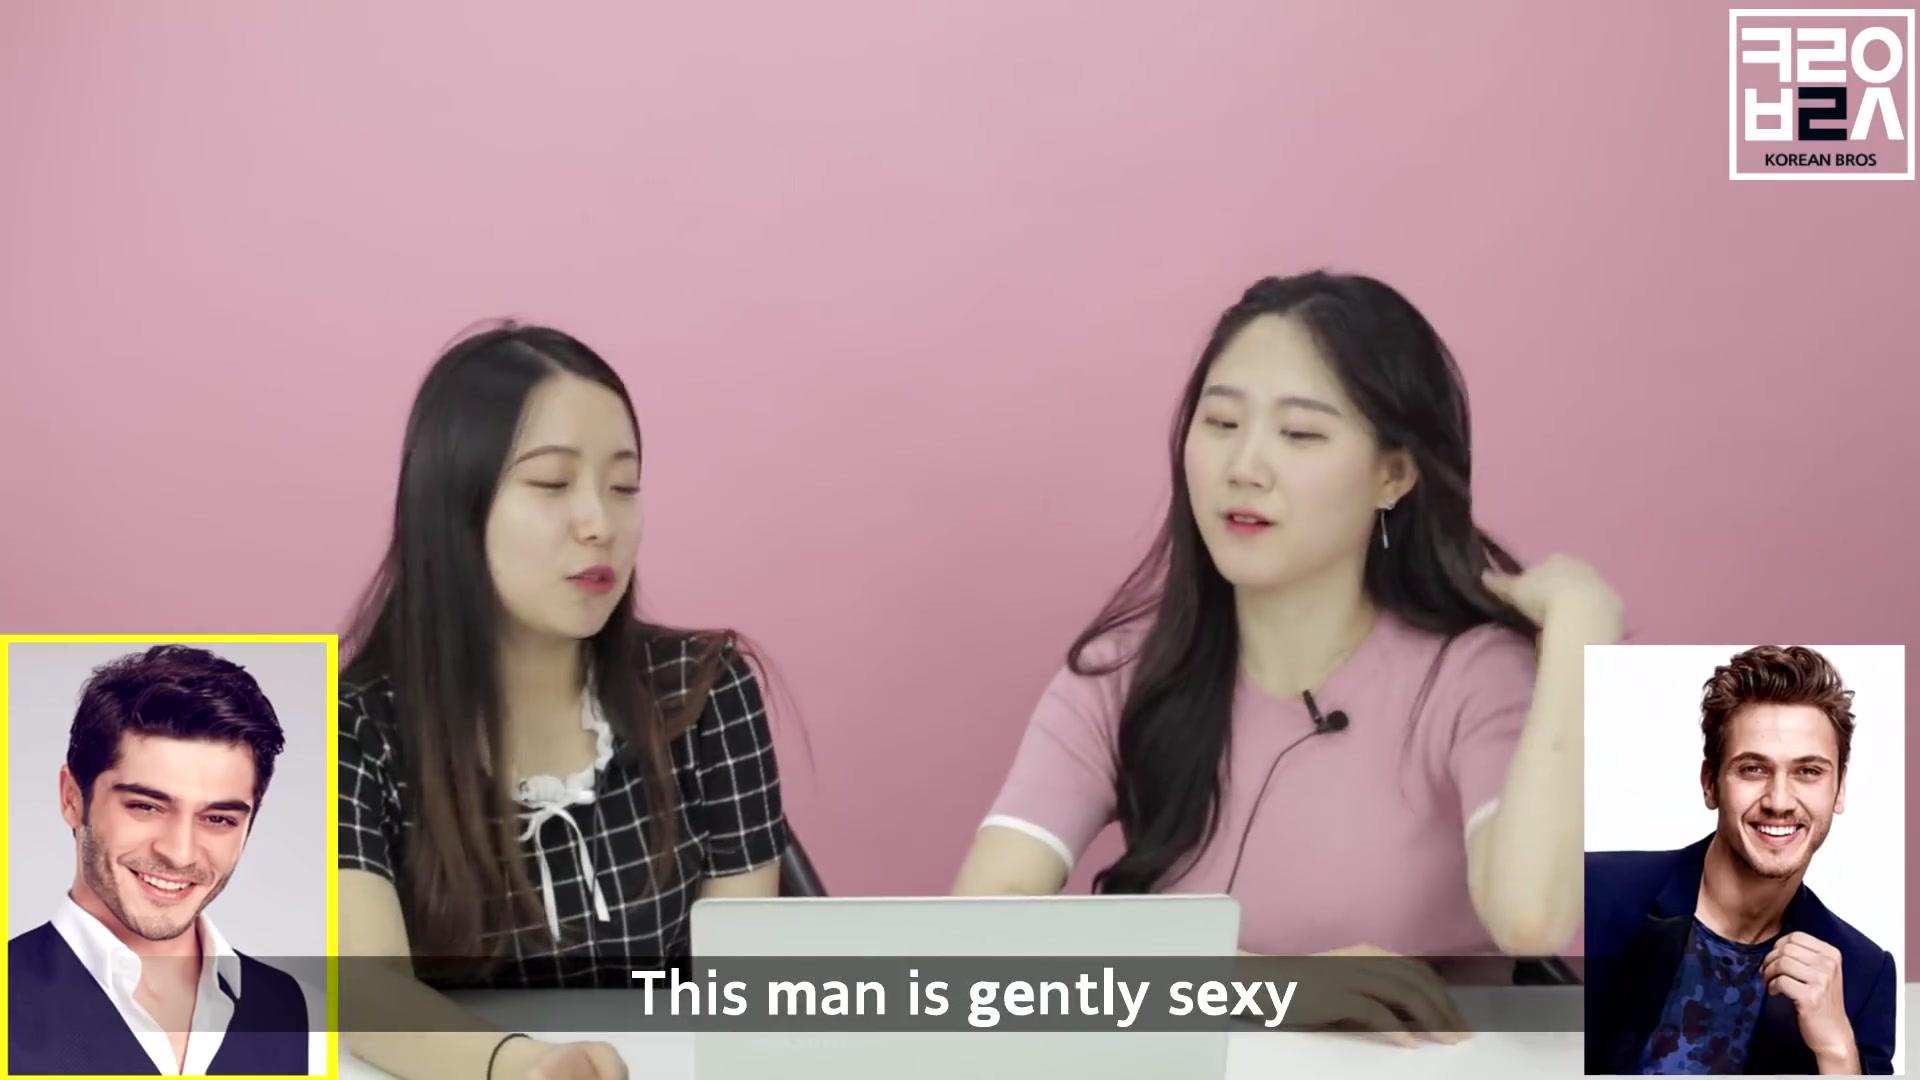 Девушки реагируют